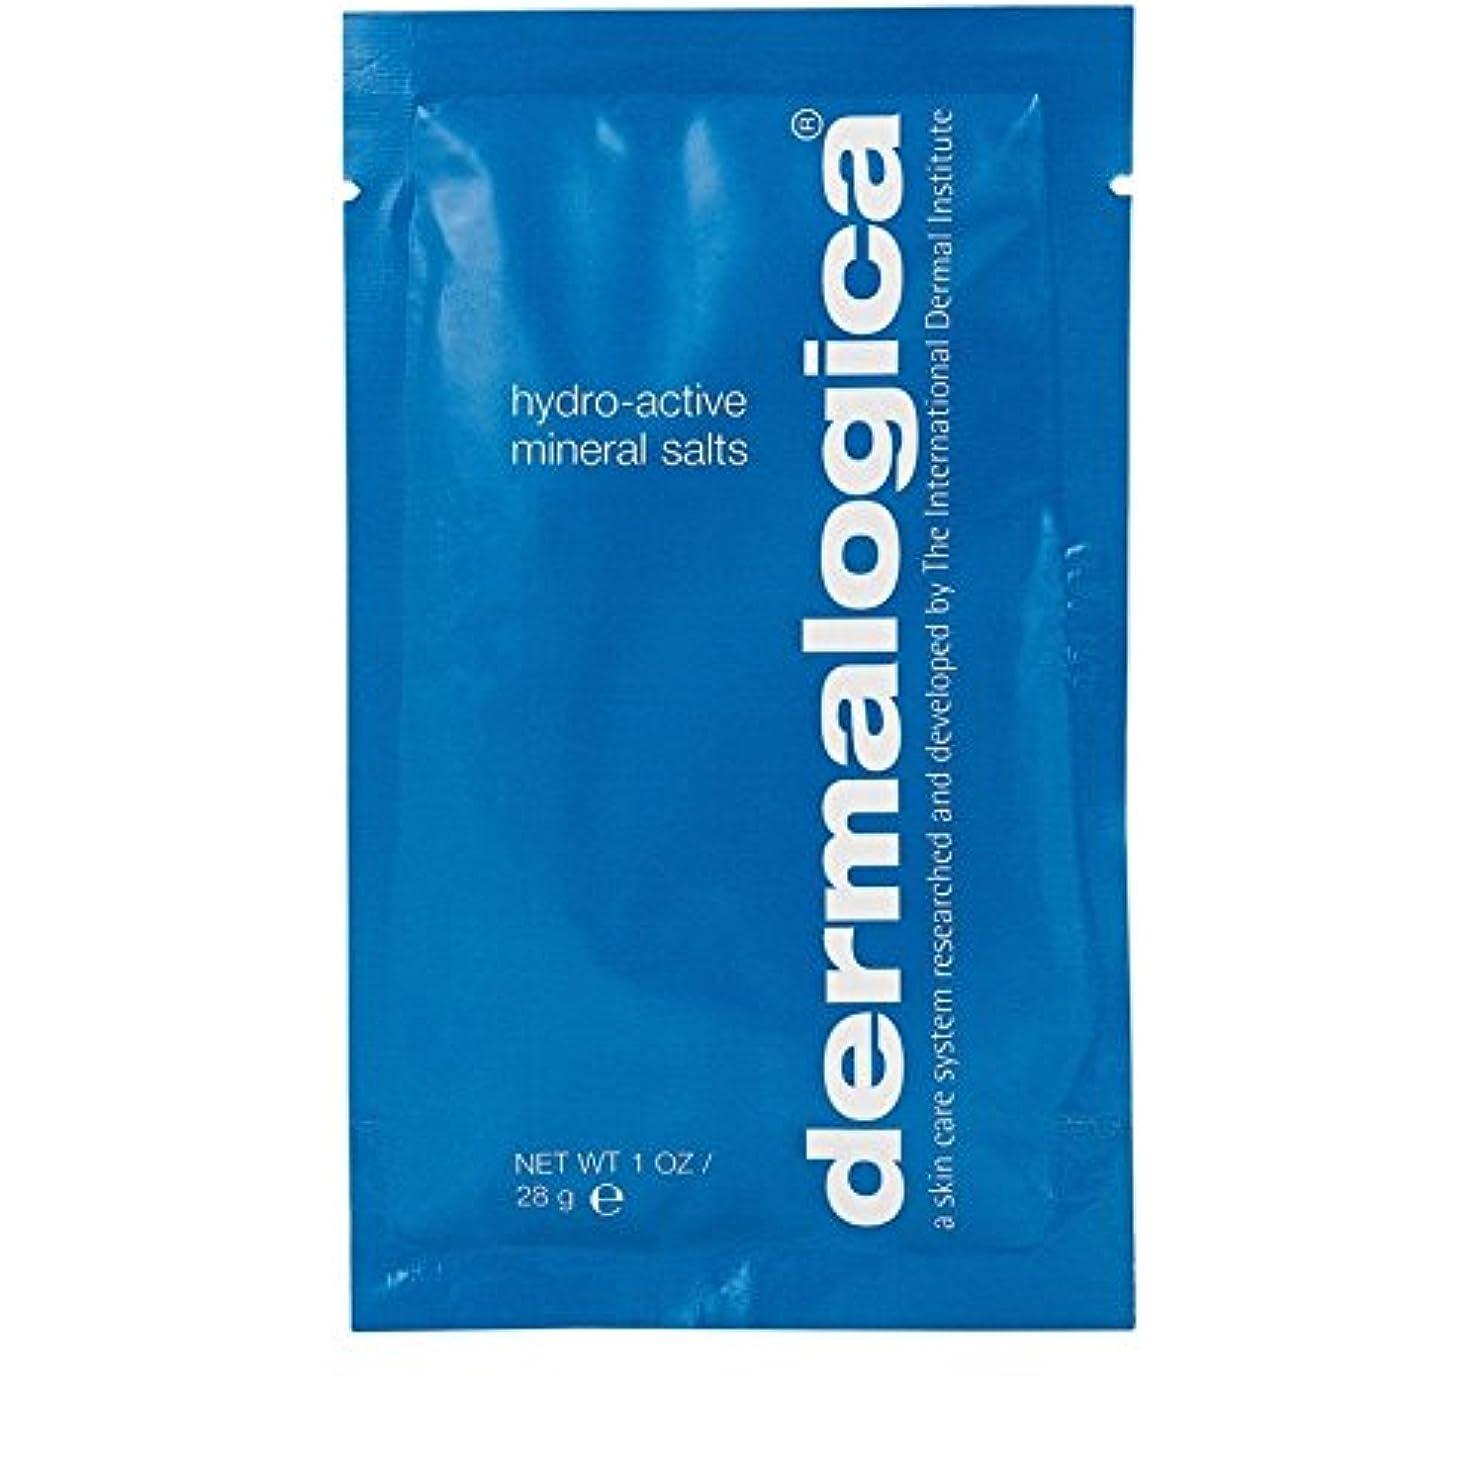 投げる心理的バスタブダーマロジカ水力アクティブミネラル塩28グラム x2 - Dermalogica Hydro Active Mineral Salt 28g (Pack of 2) [並行輸入品]